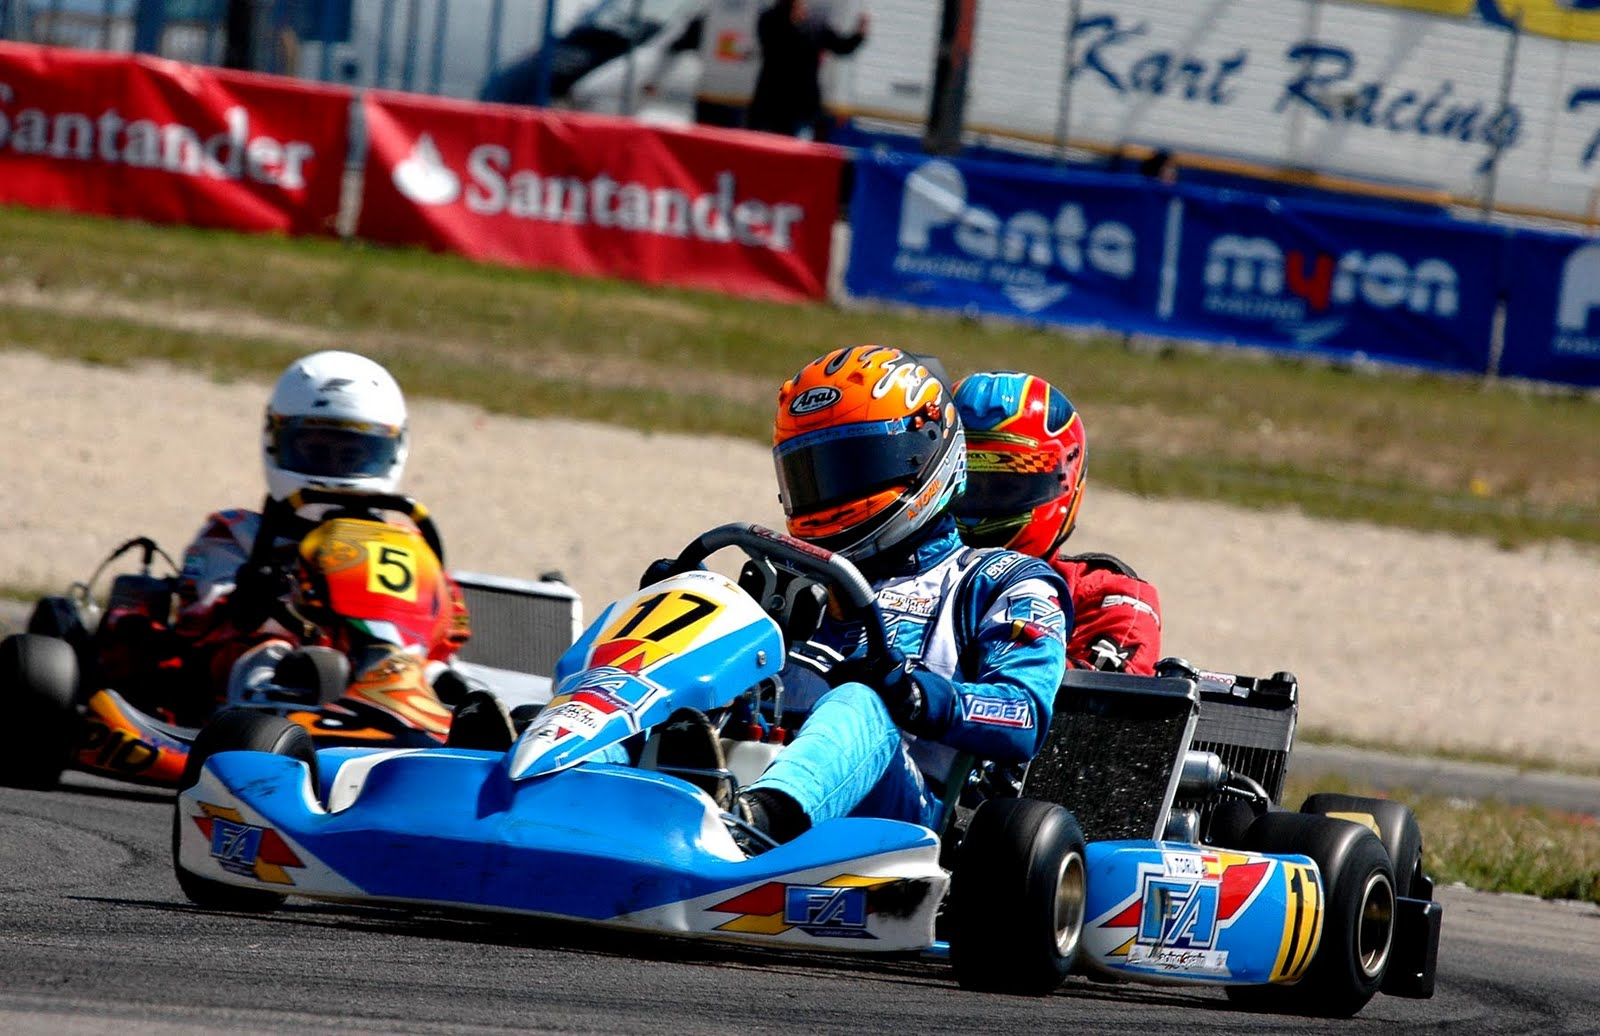 Circuito Zuera : M&k karting: a la copa del mundo comunicado alex toril